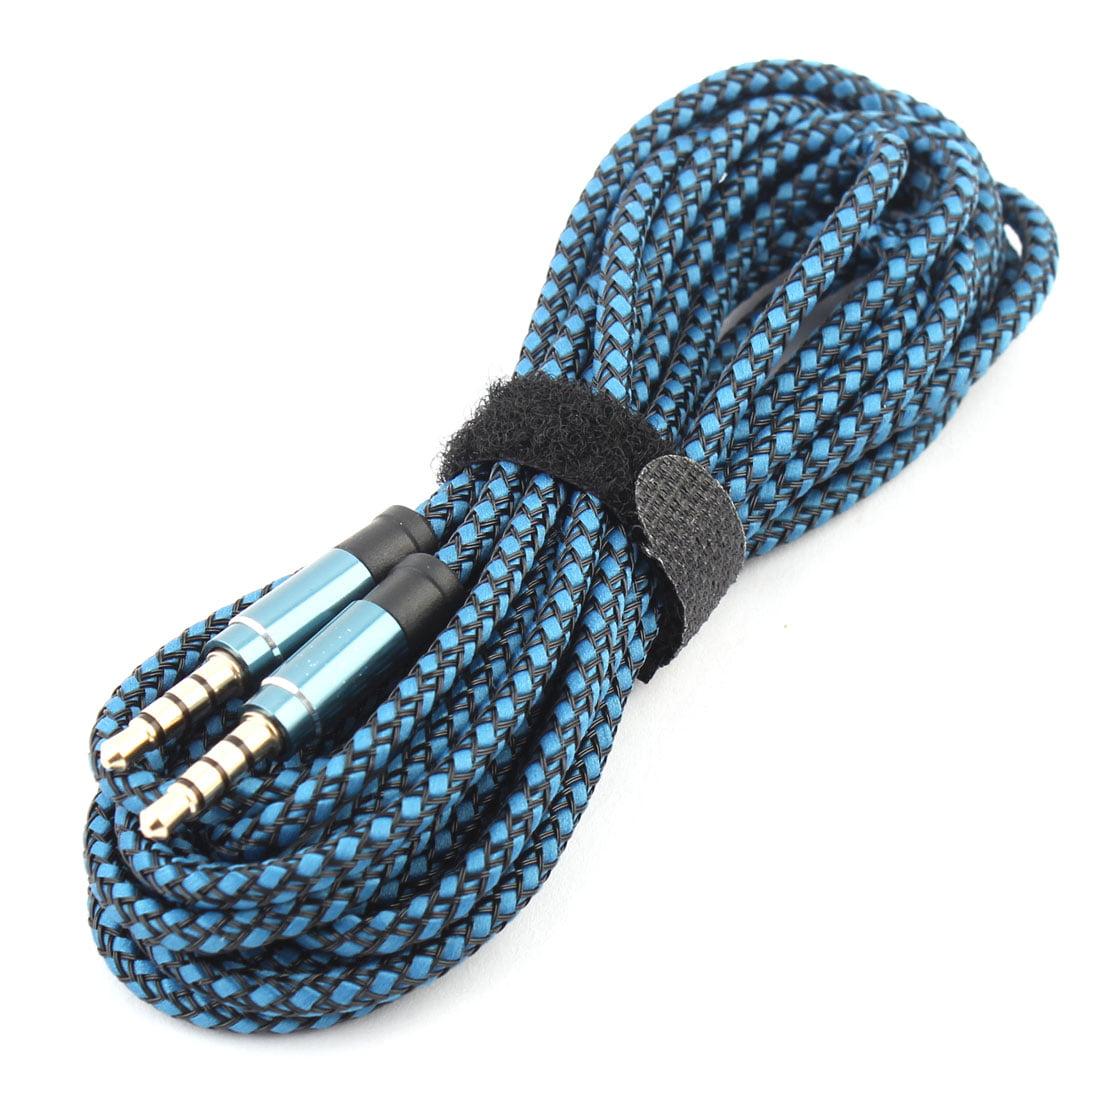 Unique BargainsMP3 Player Nylon Anti-Friction 3.5mm Male to Male Aux Cord Audio Cable Blue - image 3 de 5